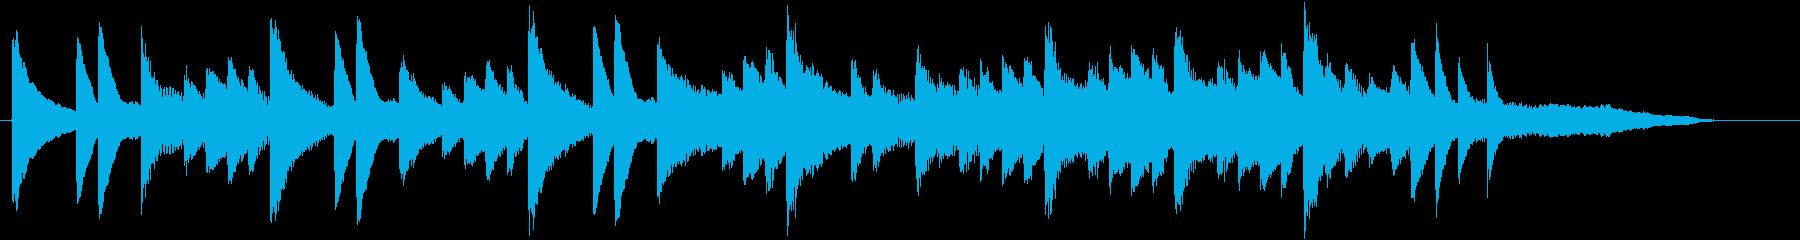 きよしこのよるモチーフのピアノジングルBの再生済みの波形